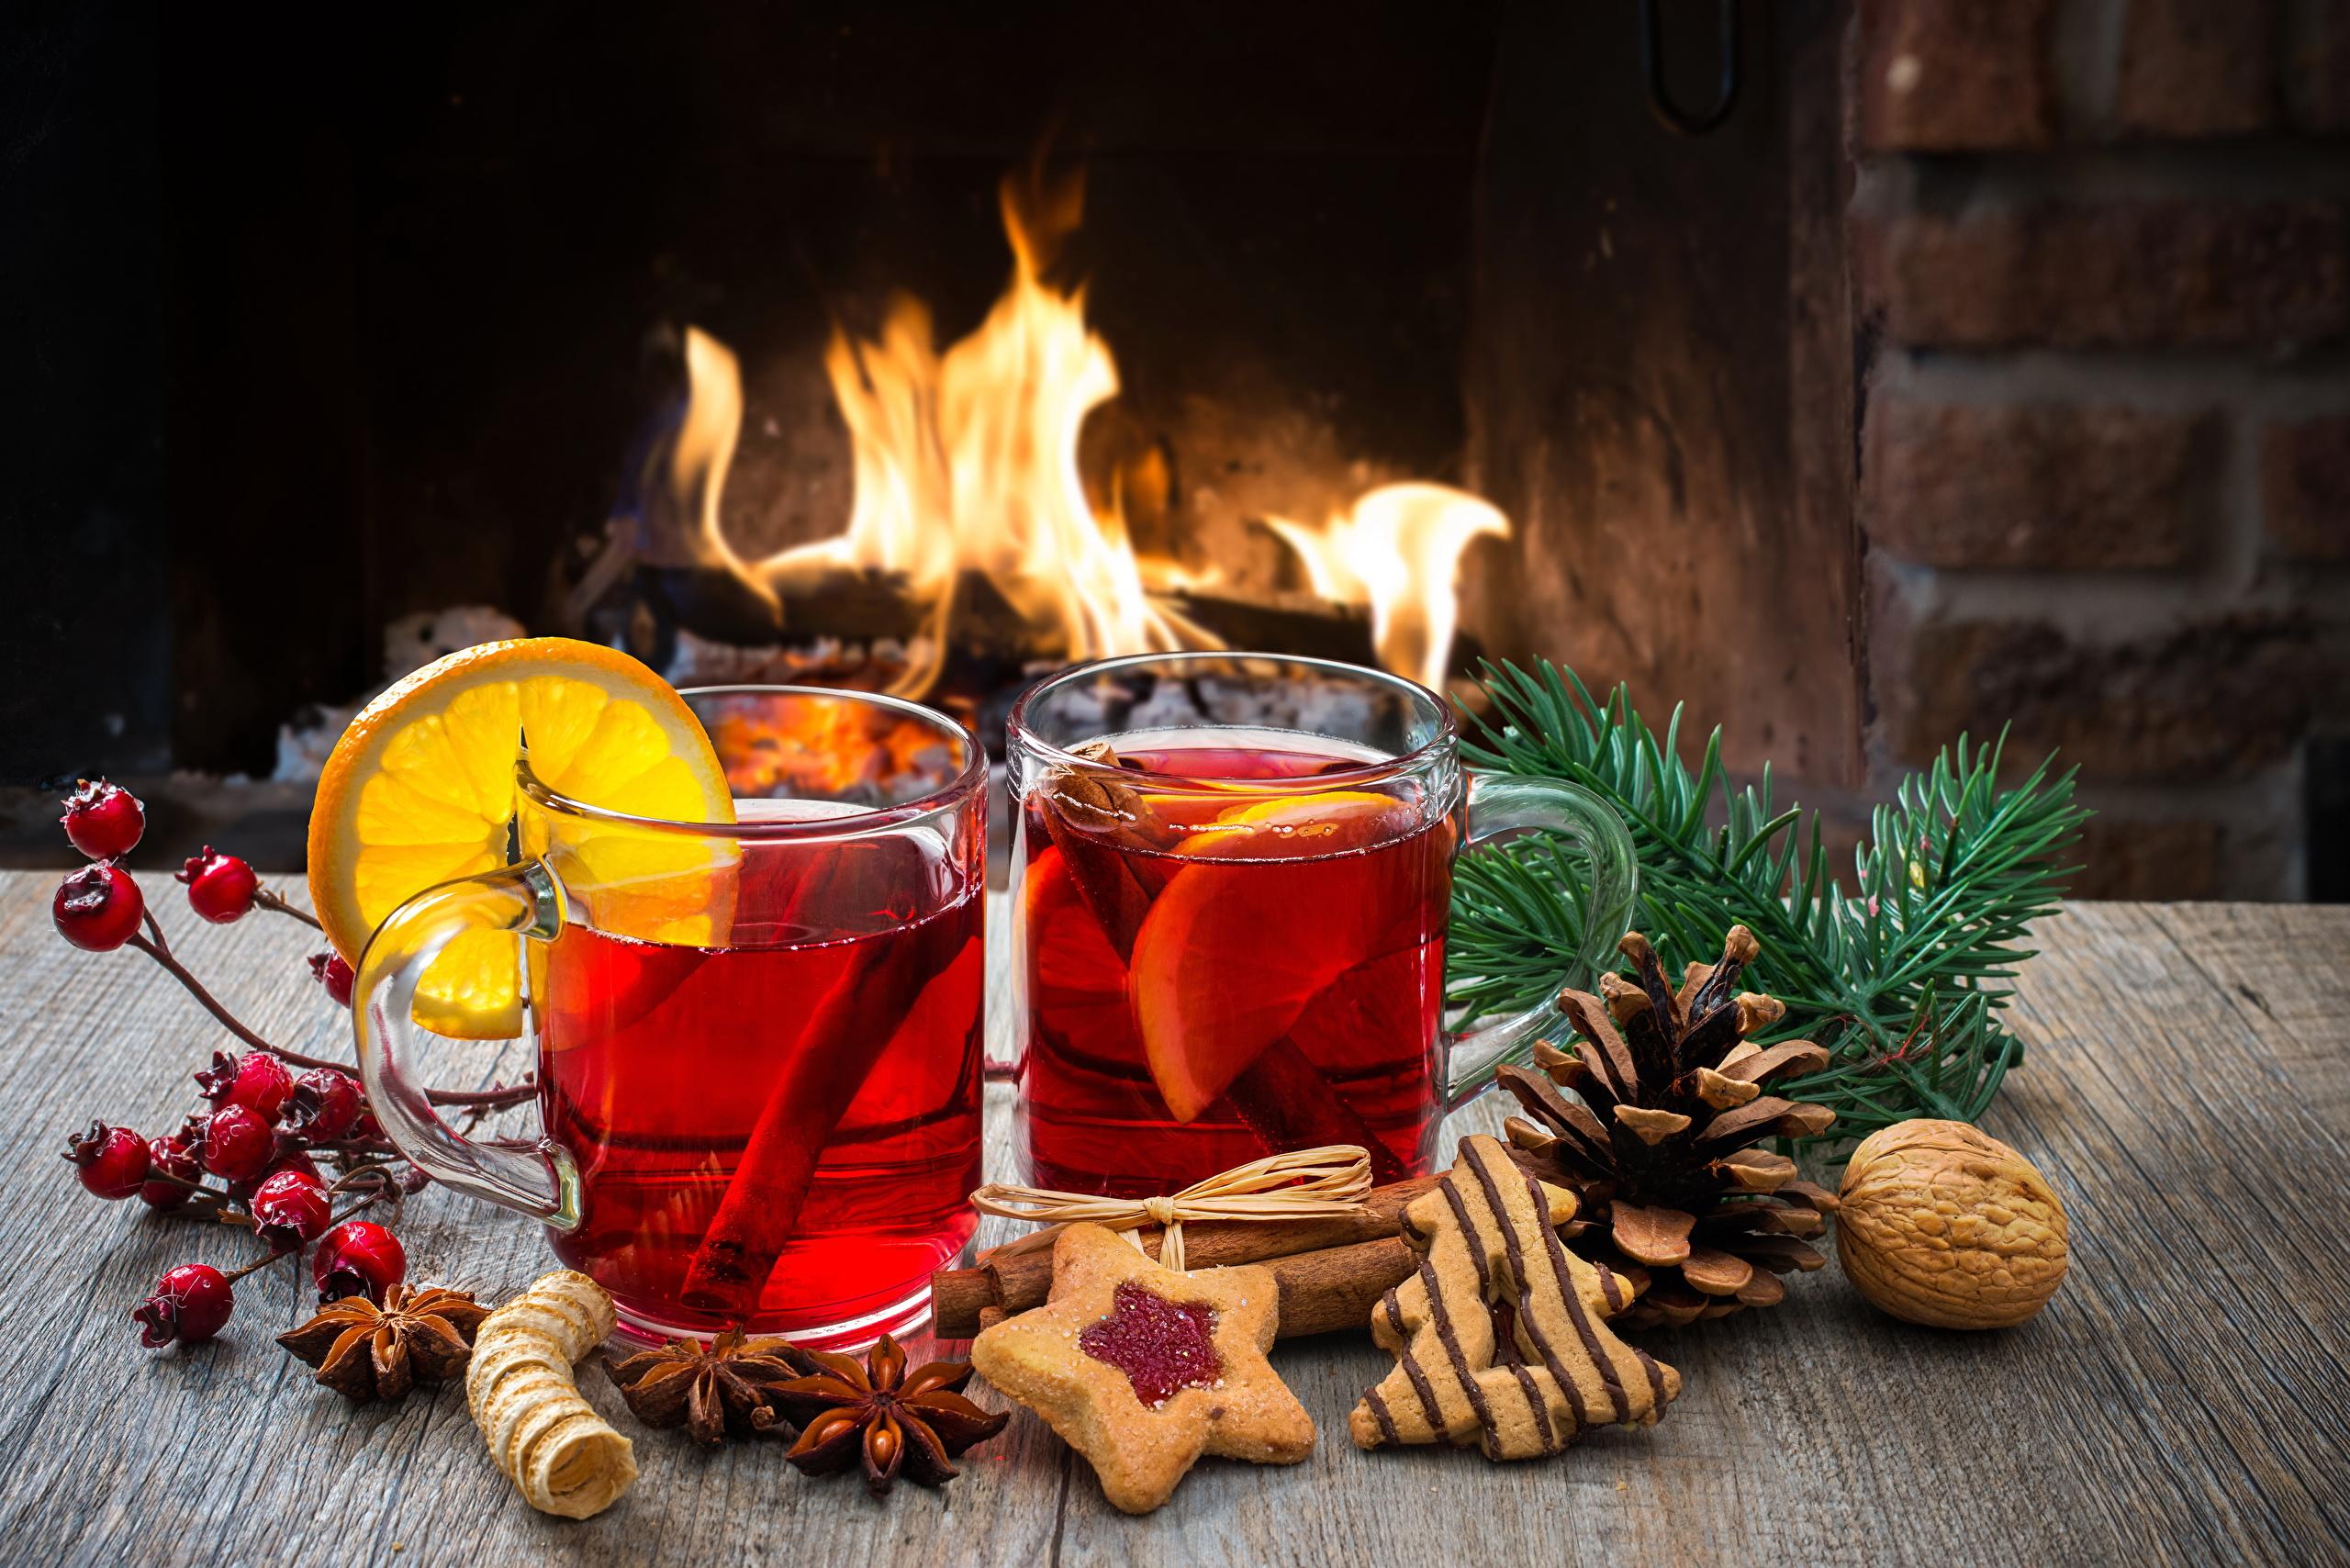 Image Christmas Tea Fire Lemons Highball glass Food 2560x1708